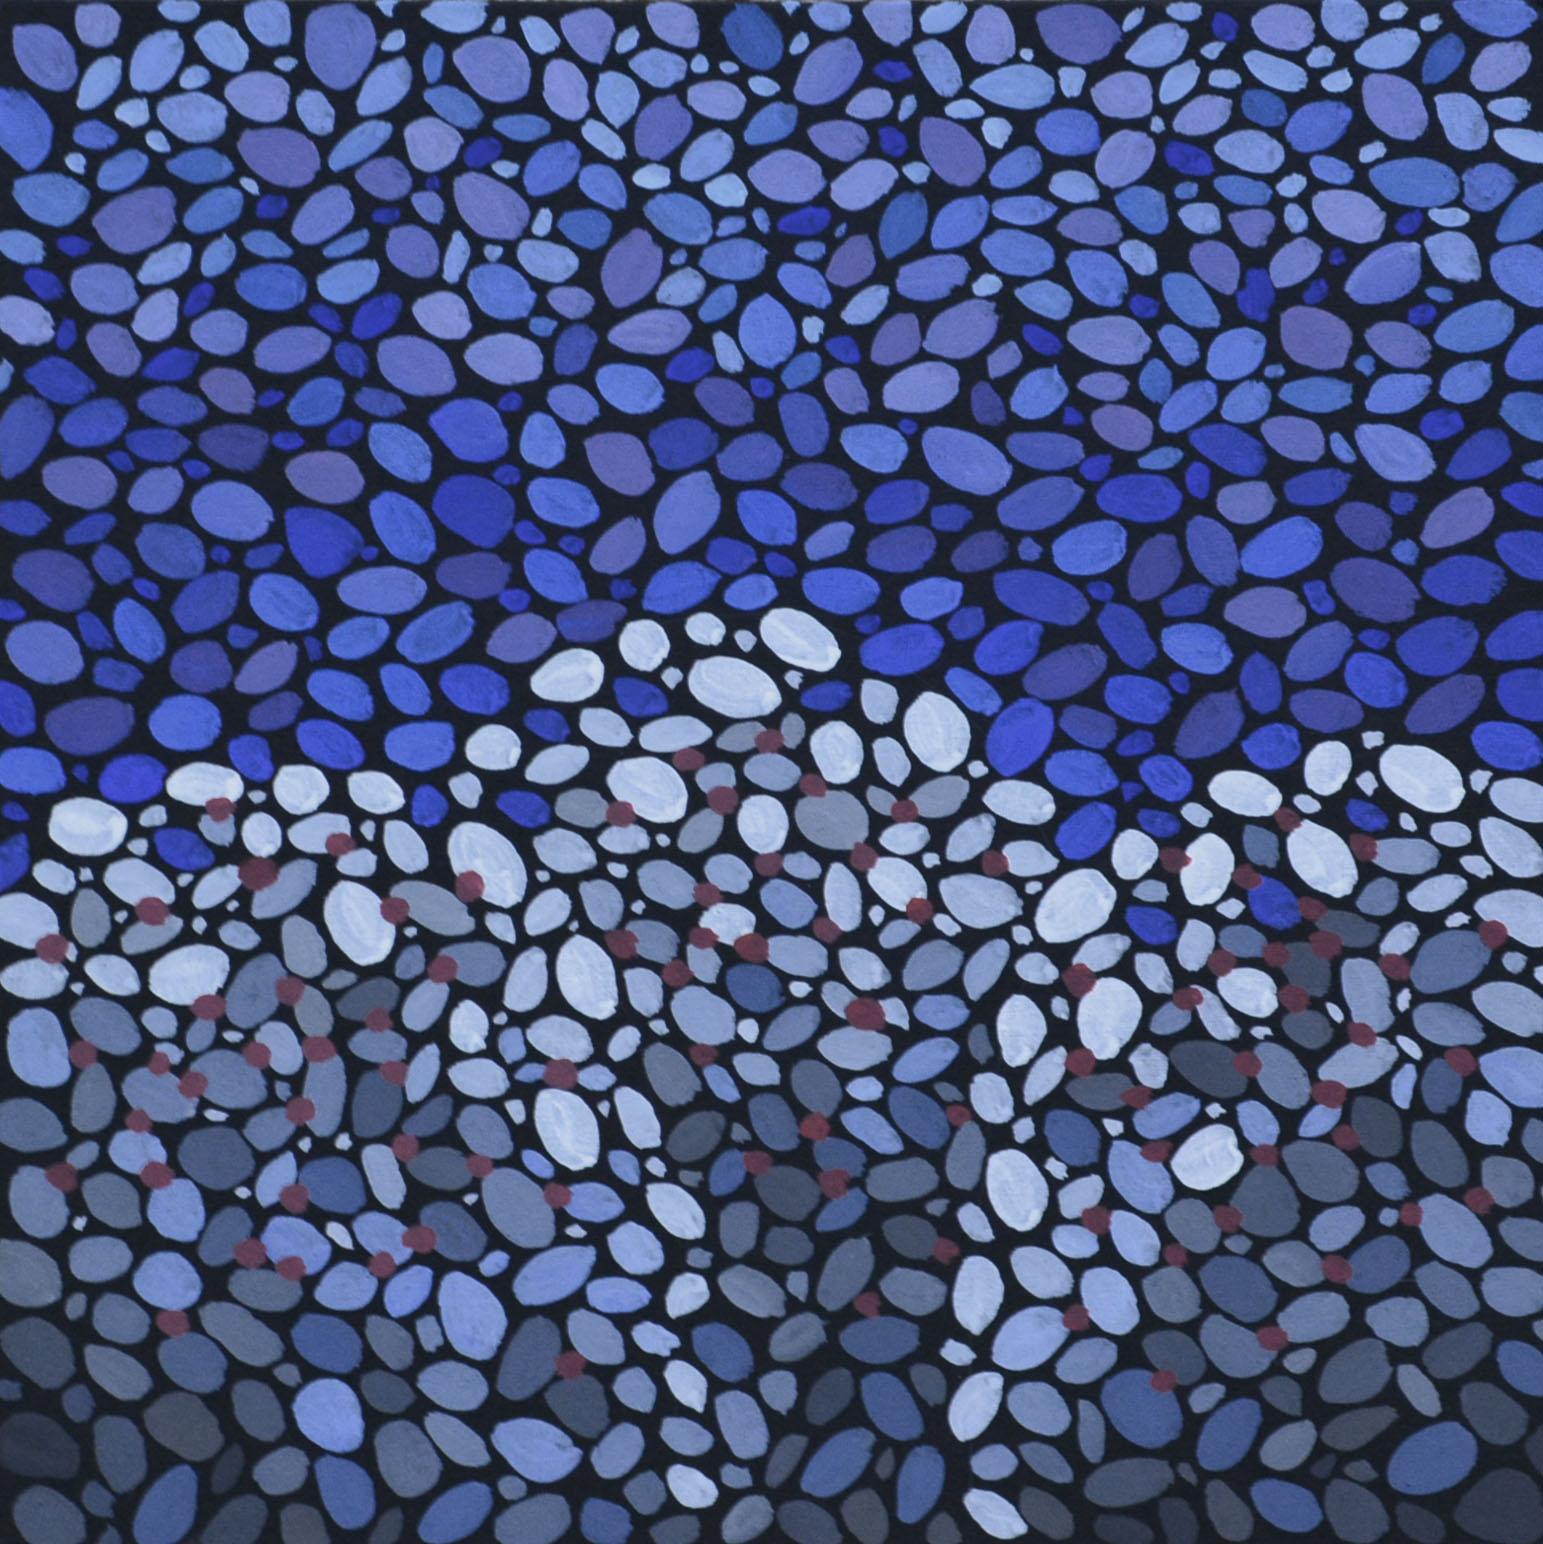 Зимний сад картина, холст, темпера, 40х40 см, картина темперой на холсте, картина художника, живопись темперой, уникальная необычная картина художник Мария Текун maryatekun.ru